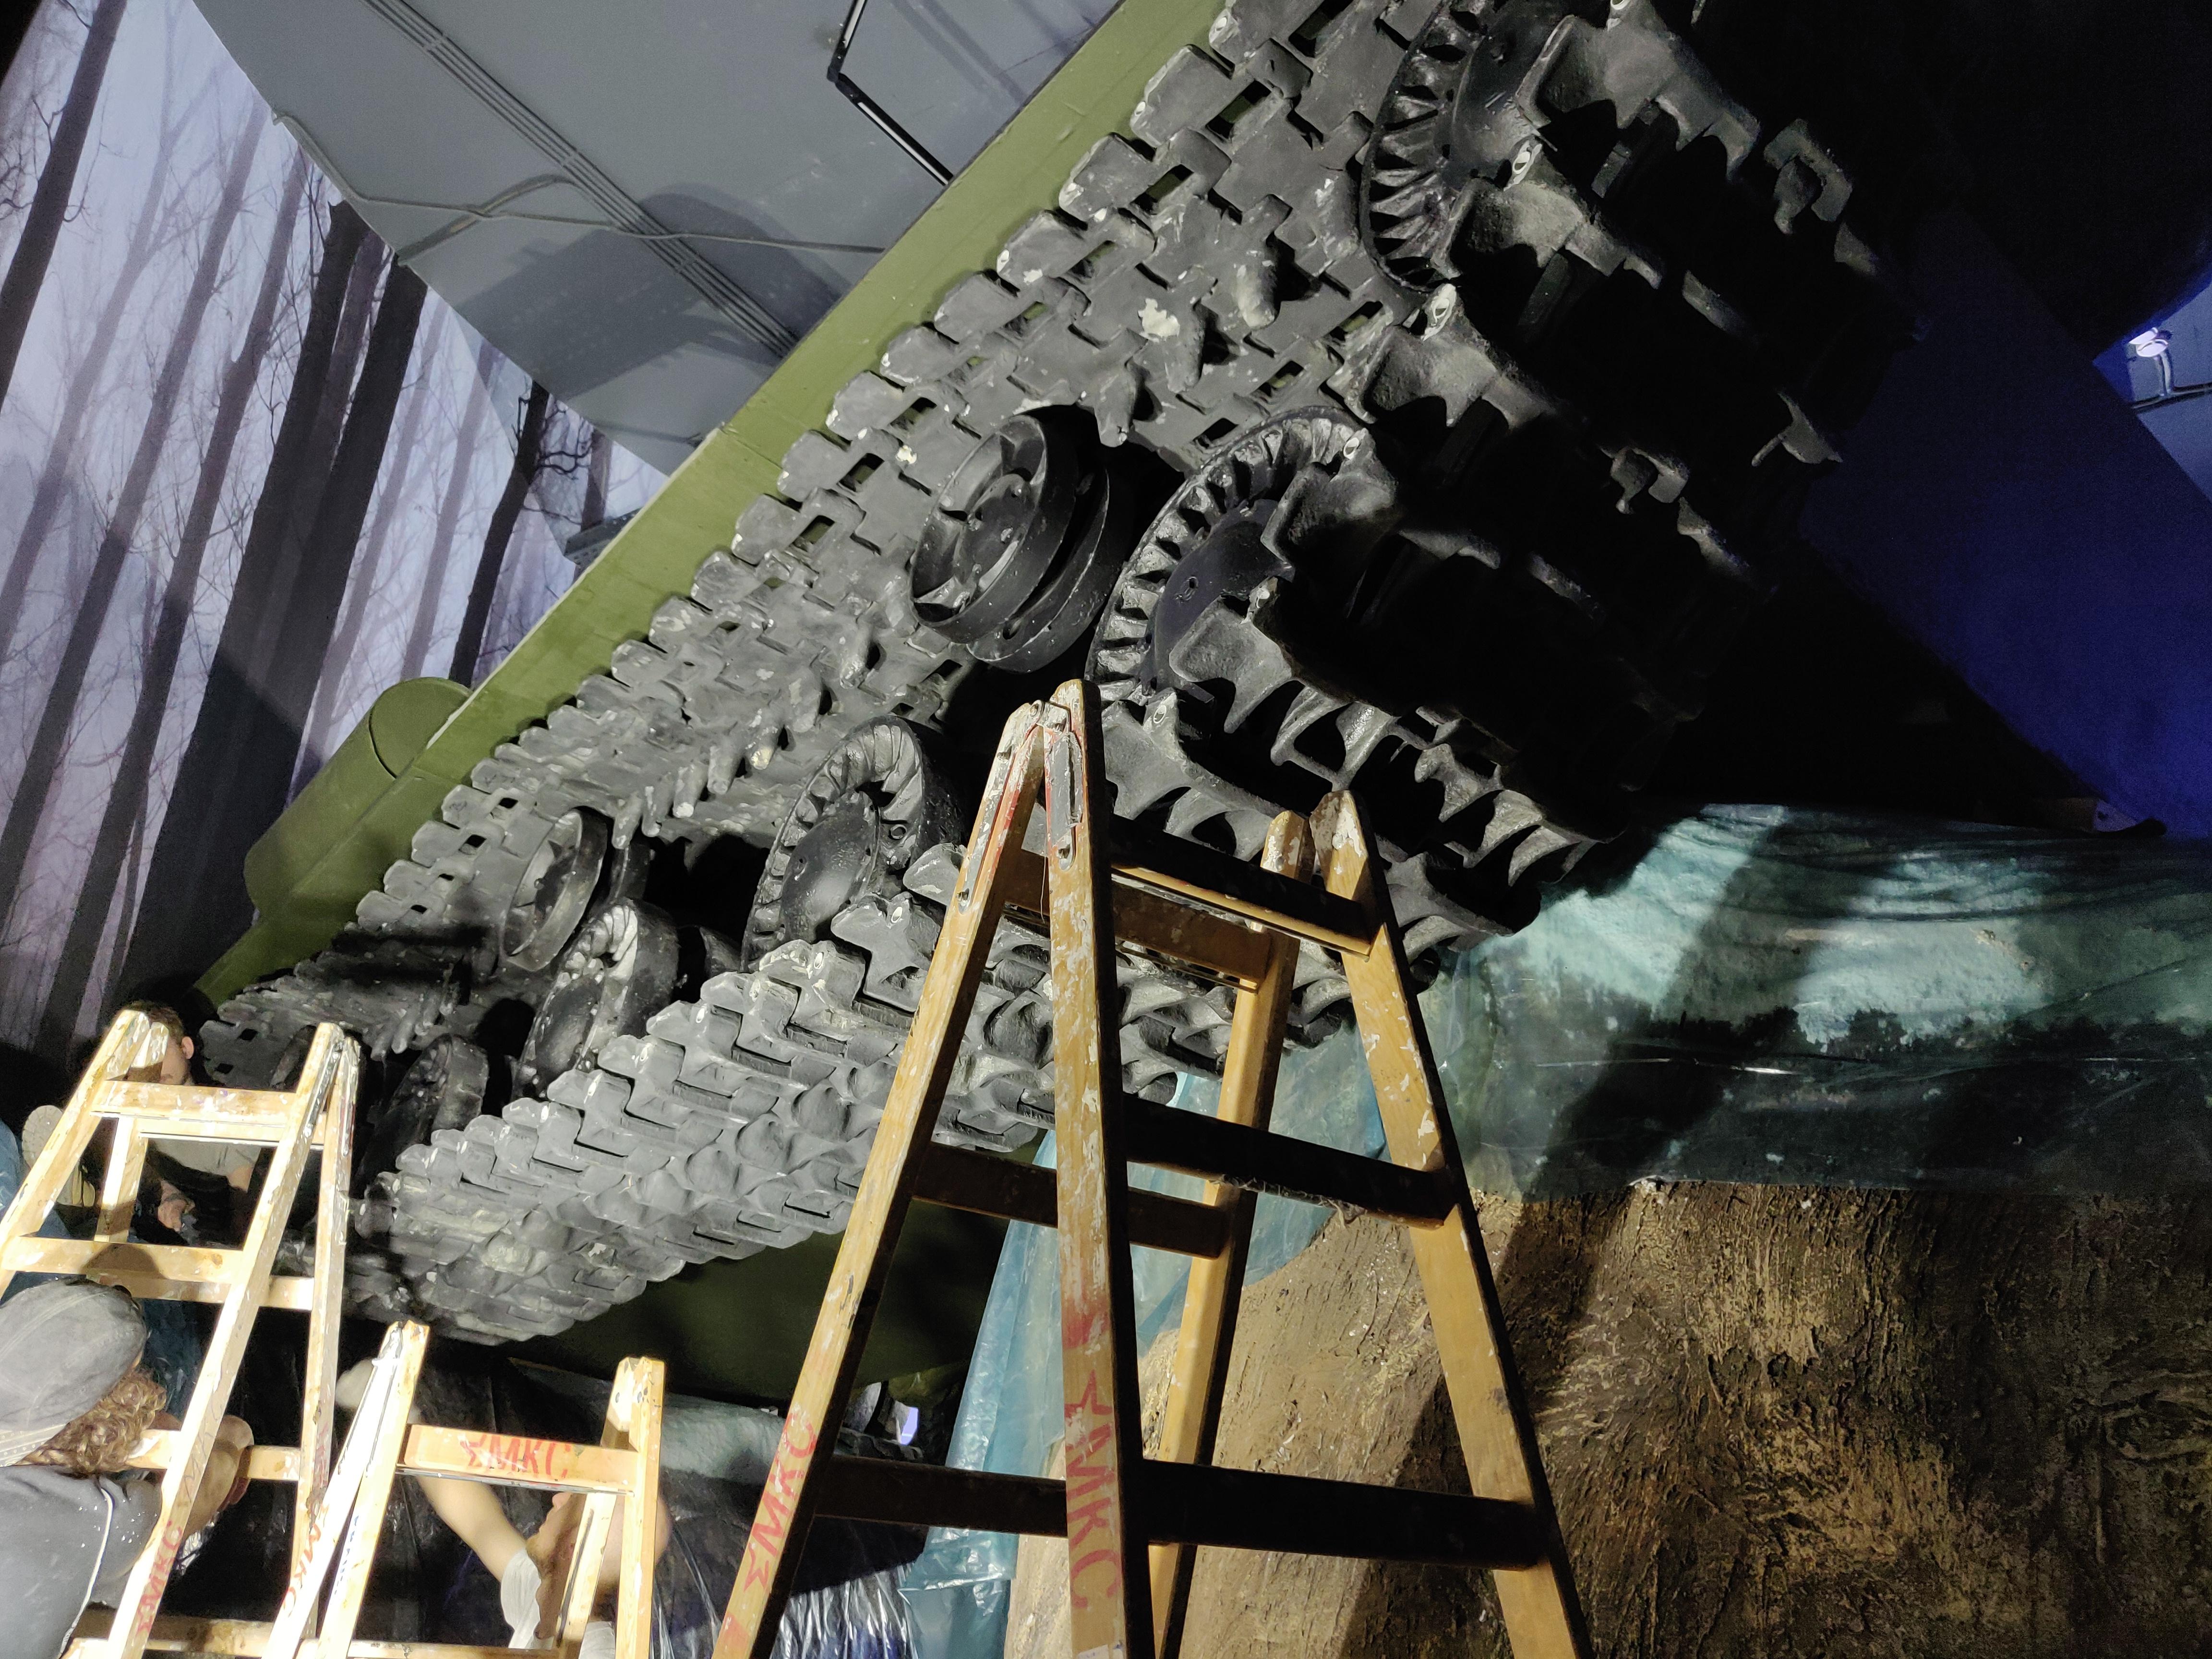 Музейный комплекс Зоя танк под обстрелом проекторов и другие технические нюансы